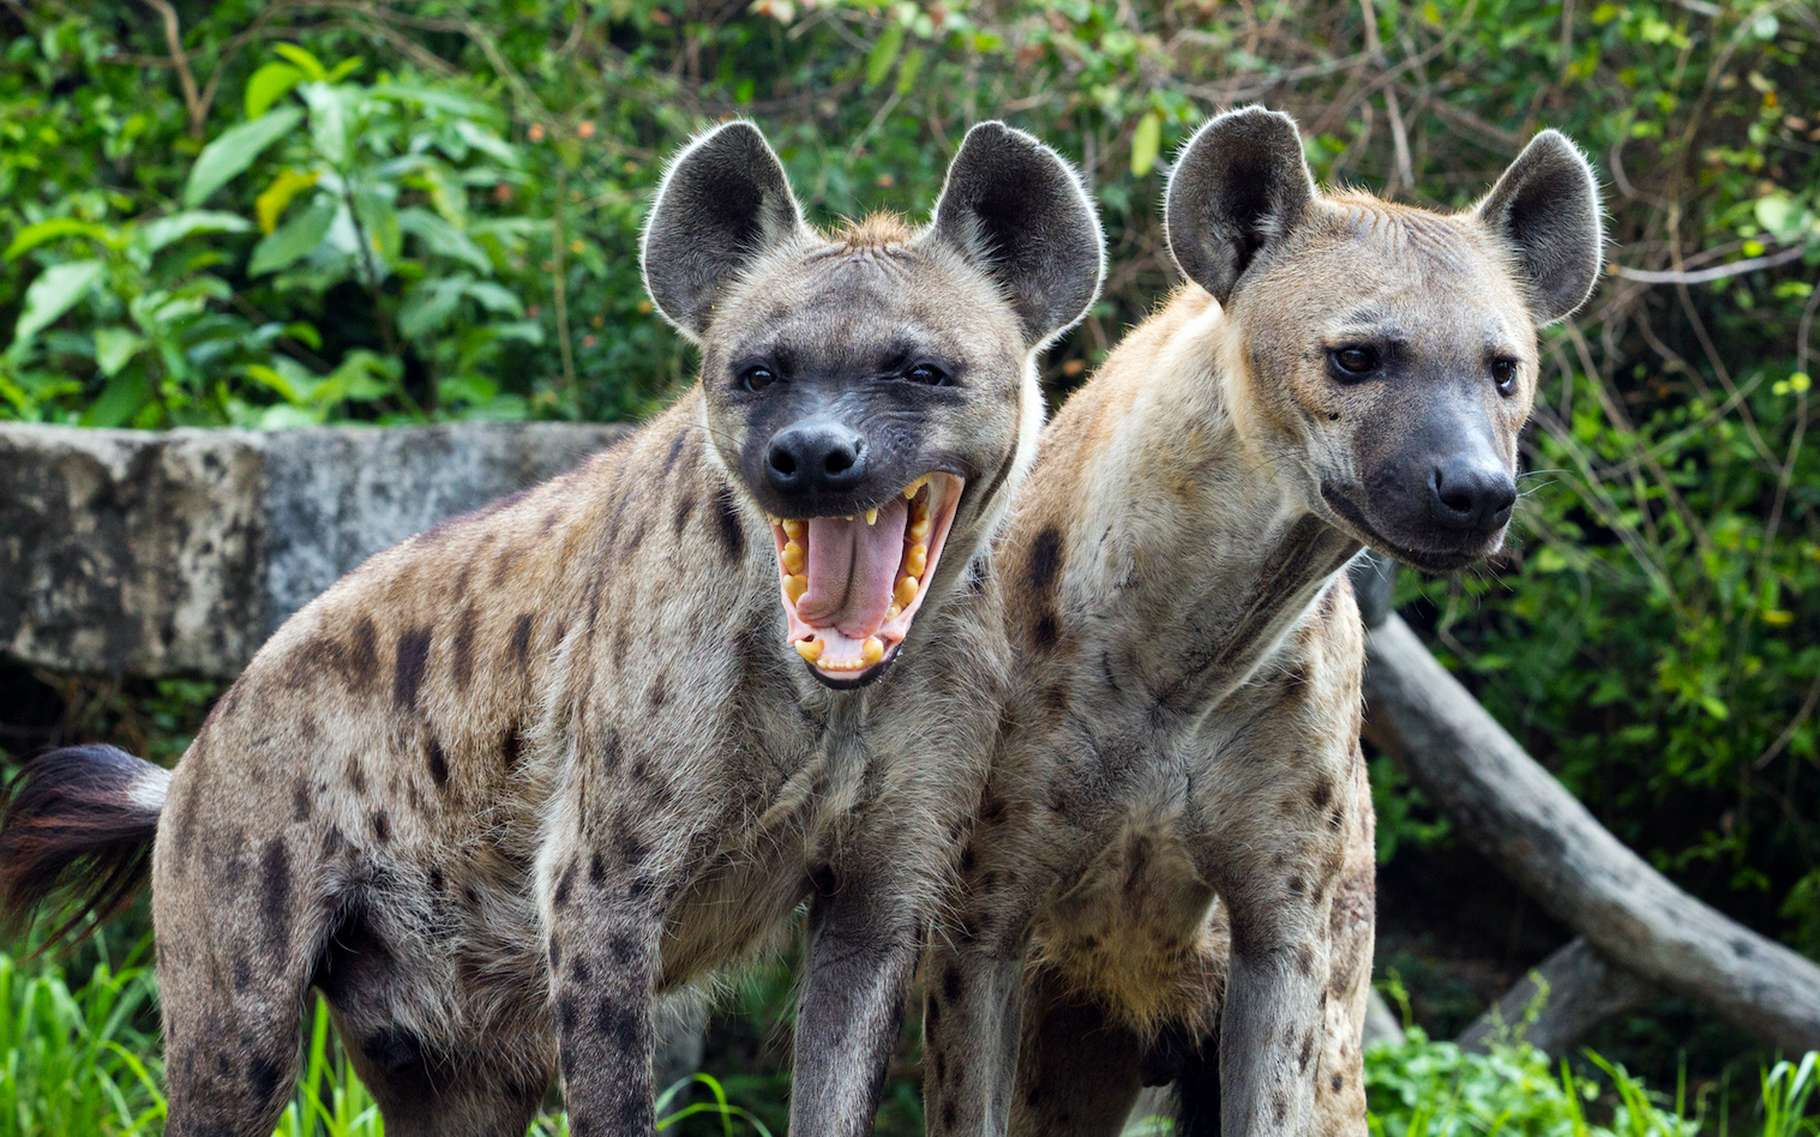 Les hyènes font partie de ces animaux dits « à vie lente » dont la vie sociale est riche. © MrPreecha, Adobe Stock